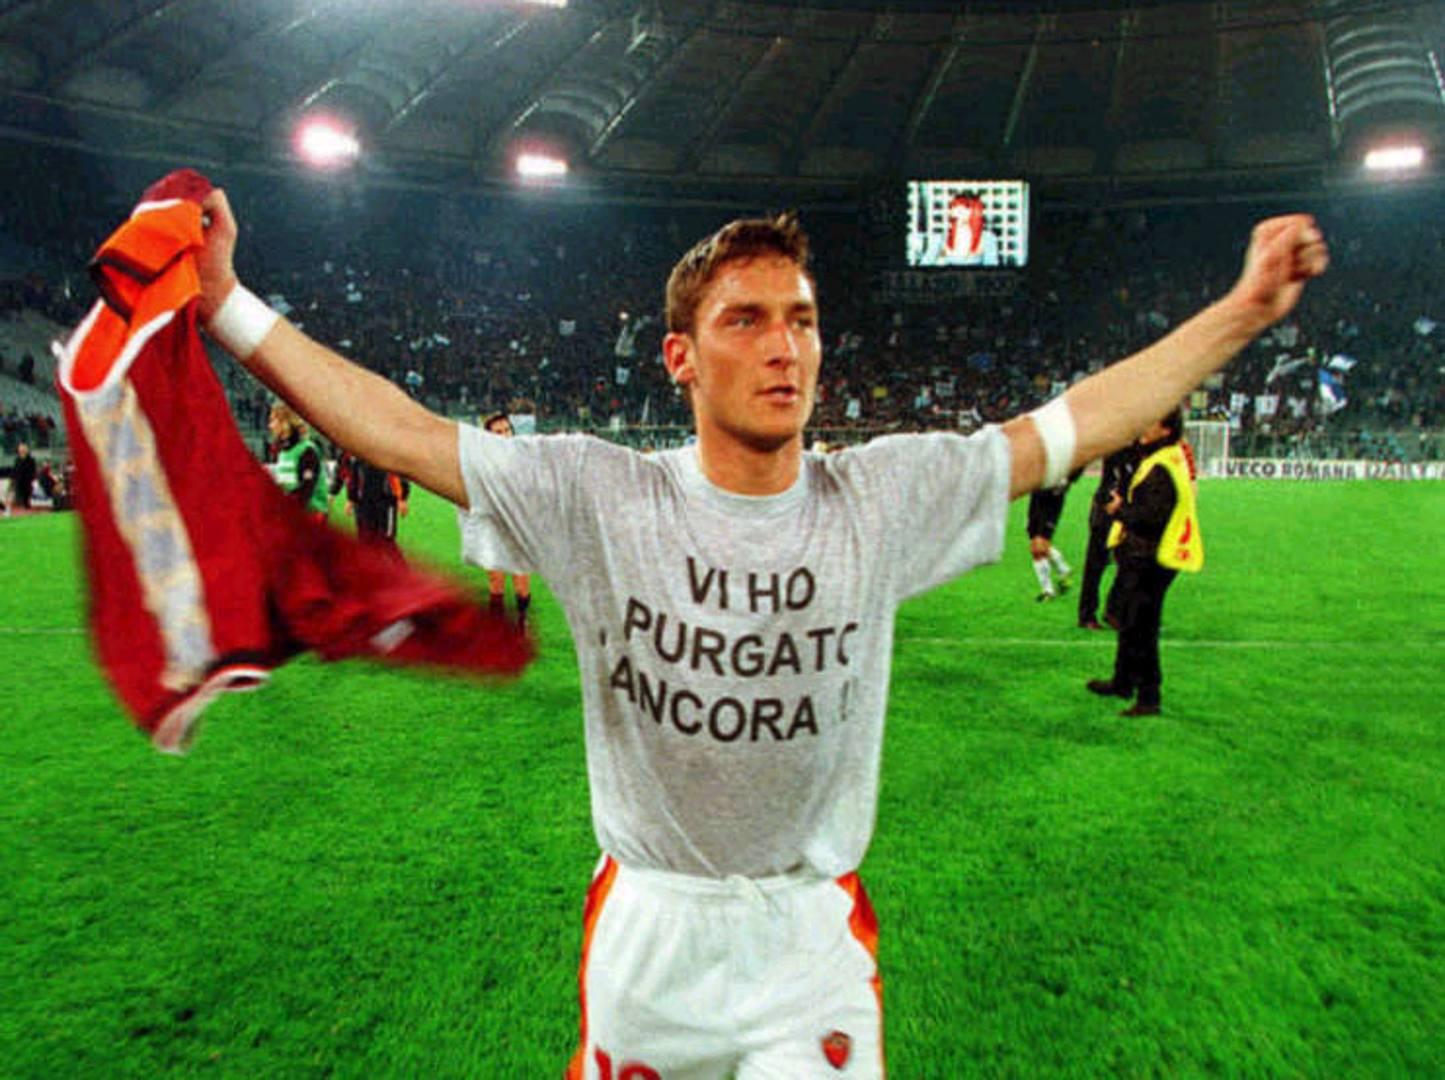 """Francesco Totti con la maglietta """"Vi ho purgato ancora!"""", diventata subito tormentone"""